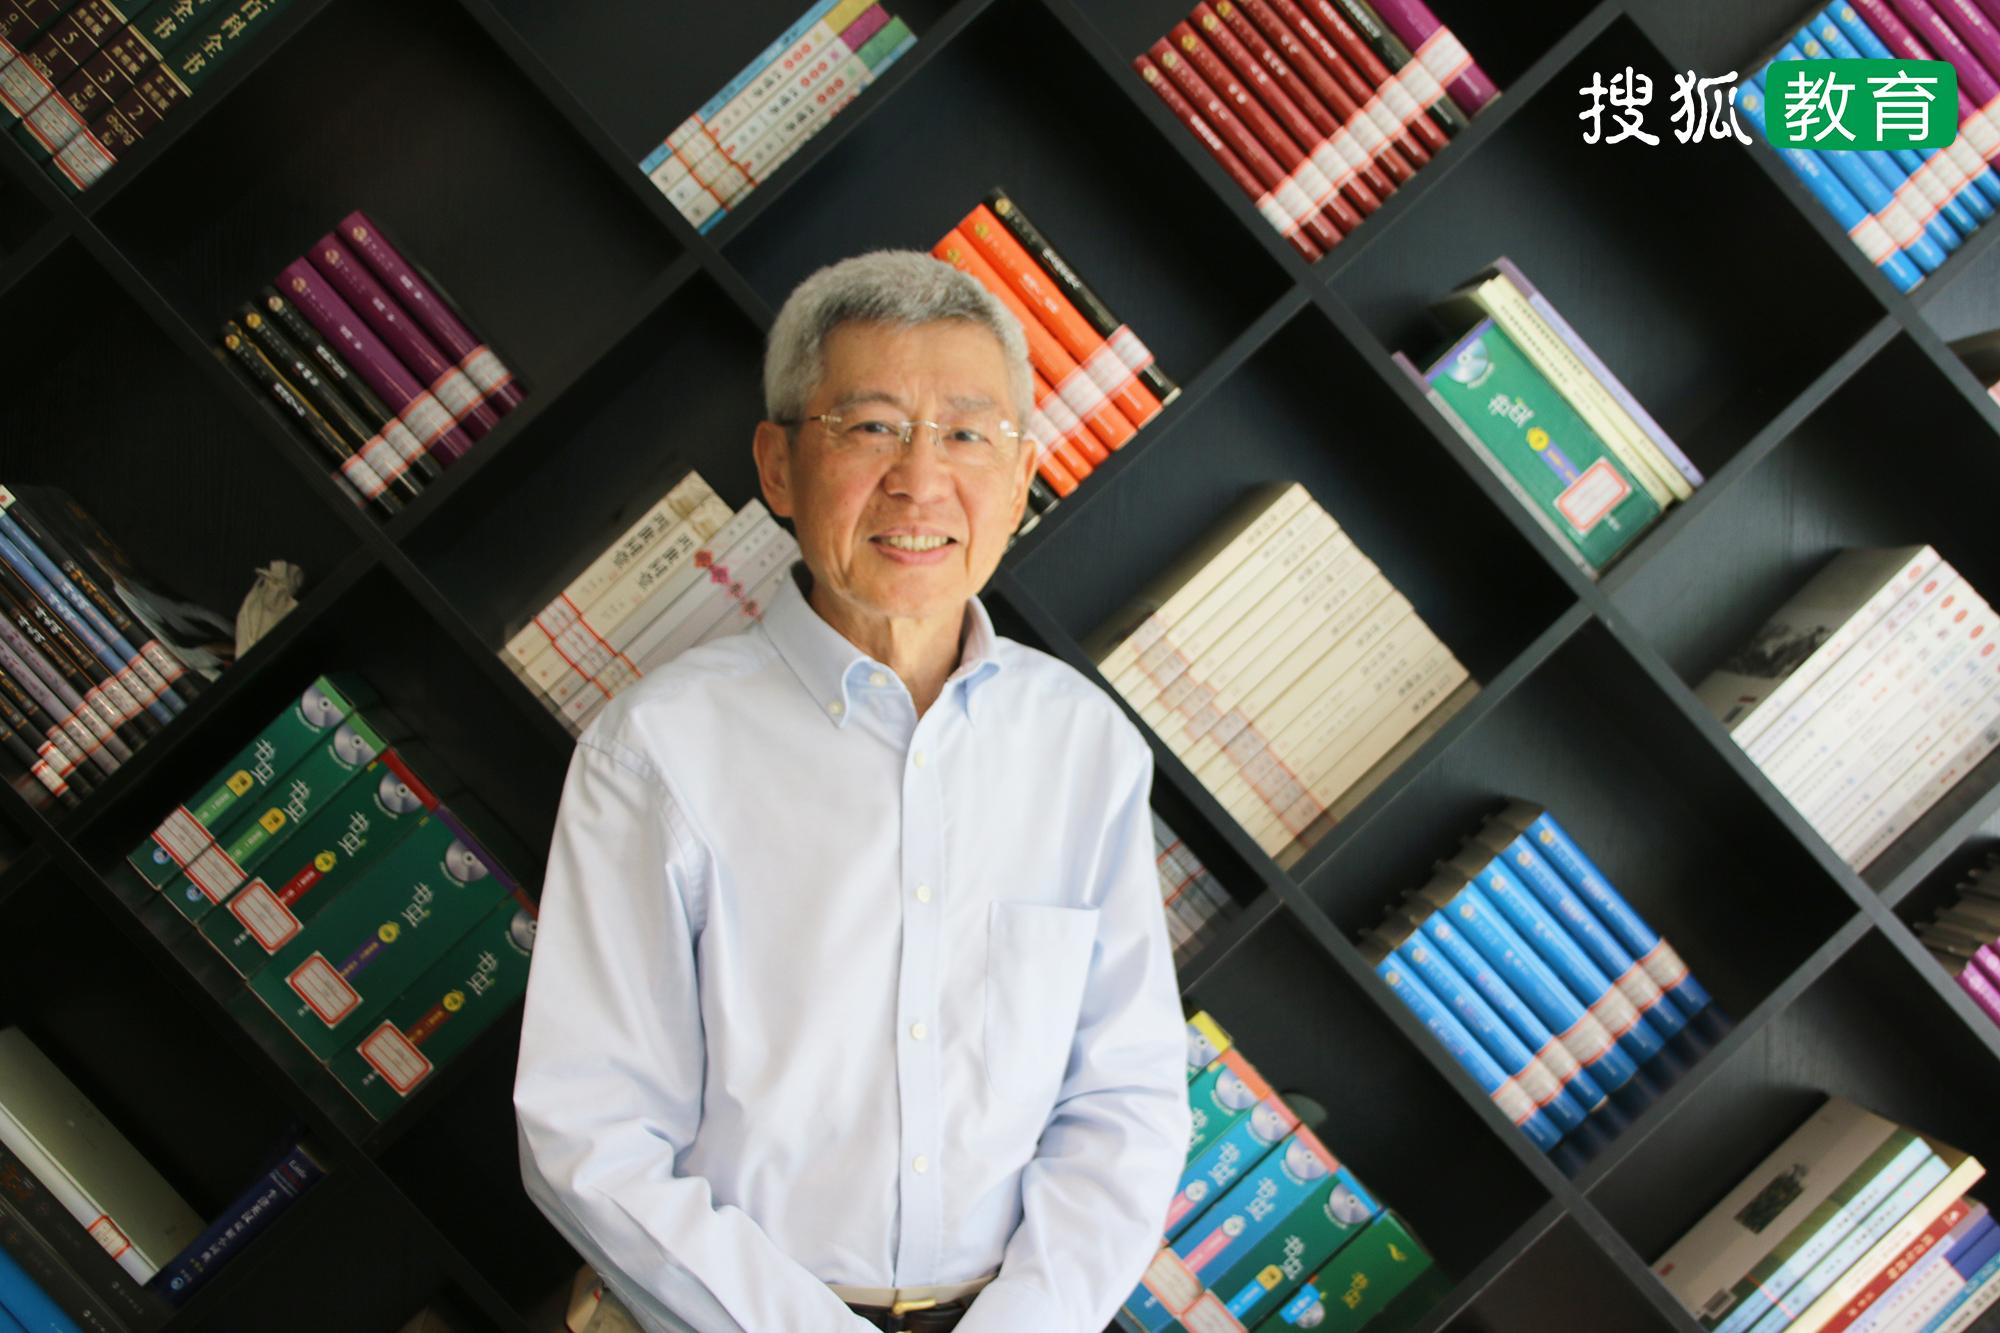 香港大学原副校长程介明:人脑是可塑的,学习是赋予外部世界意义的过程